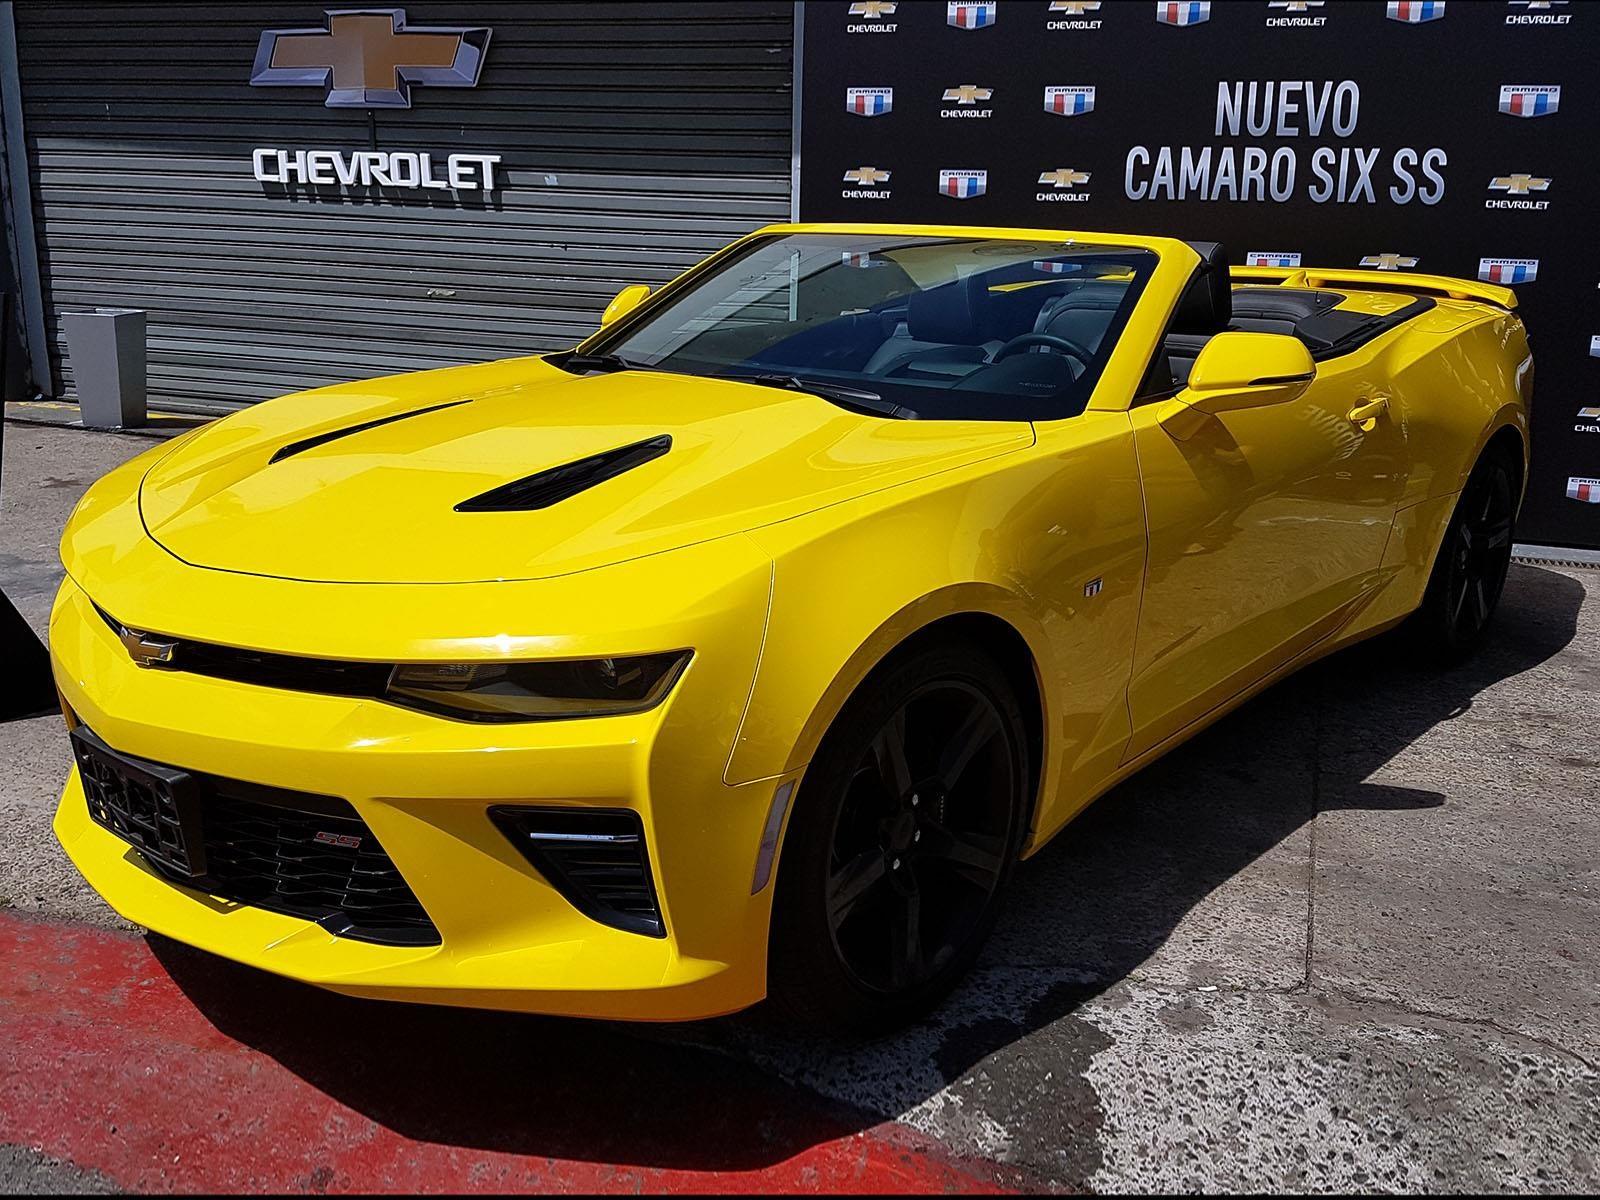 Nuevo Camaro SS coupé y cabrio se lanzan en Argentina